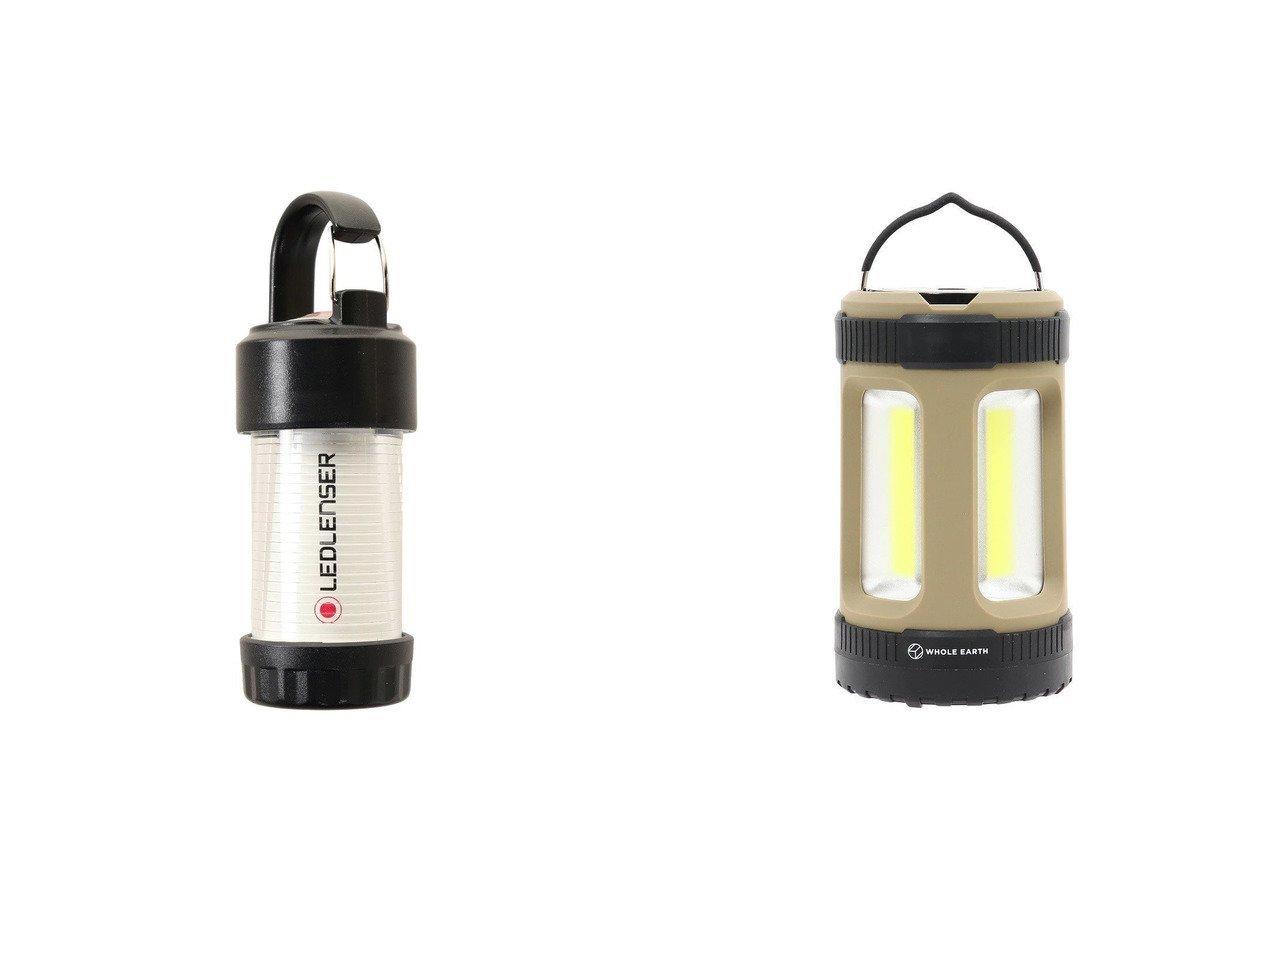 【Whole Earth/ホールアース】のランタン 防災 1000ルーメン LIGHTHOUSE LED ランタン WE23DH52 BEG&【Ledlenser/レッドレンザー】のアウトドアランタン ML4 43129ML4 おすすめ!人気キャンプ・アウトドア用品の通販 おすすめで人気の流行・トレンド、ファッションの通販商品 メンズファッション・キッズファッション・インテリア・家具・レディースファッション・服の通販 founy(ファニー) https://founy.com/ コーティング ラバー アウトドア コンパクト マグネット ミドル ループ A/W・秋冬 AW・Autumn/Winter・FW・Fall-Winter ホーム・キャンプ・アウトドア Home,Garden,Outdoor,Camping Gear キャンプ用品・アウトドア  Camping Gear & Outdoor Supplies ランタン ライト Lantern, Light |ID:crp329100000034797